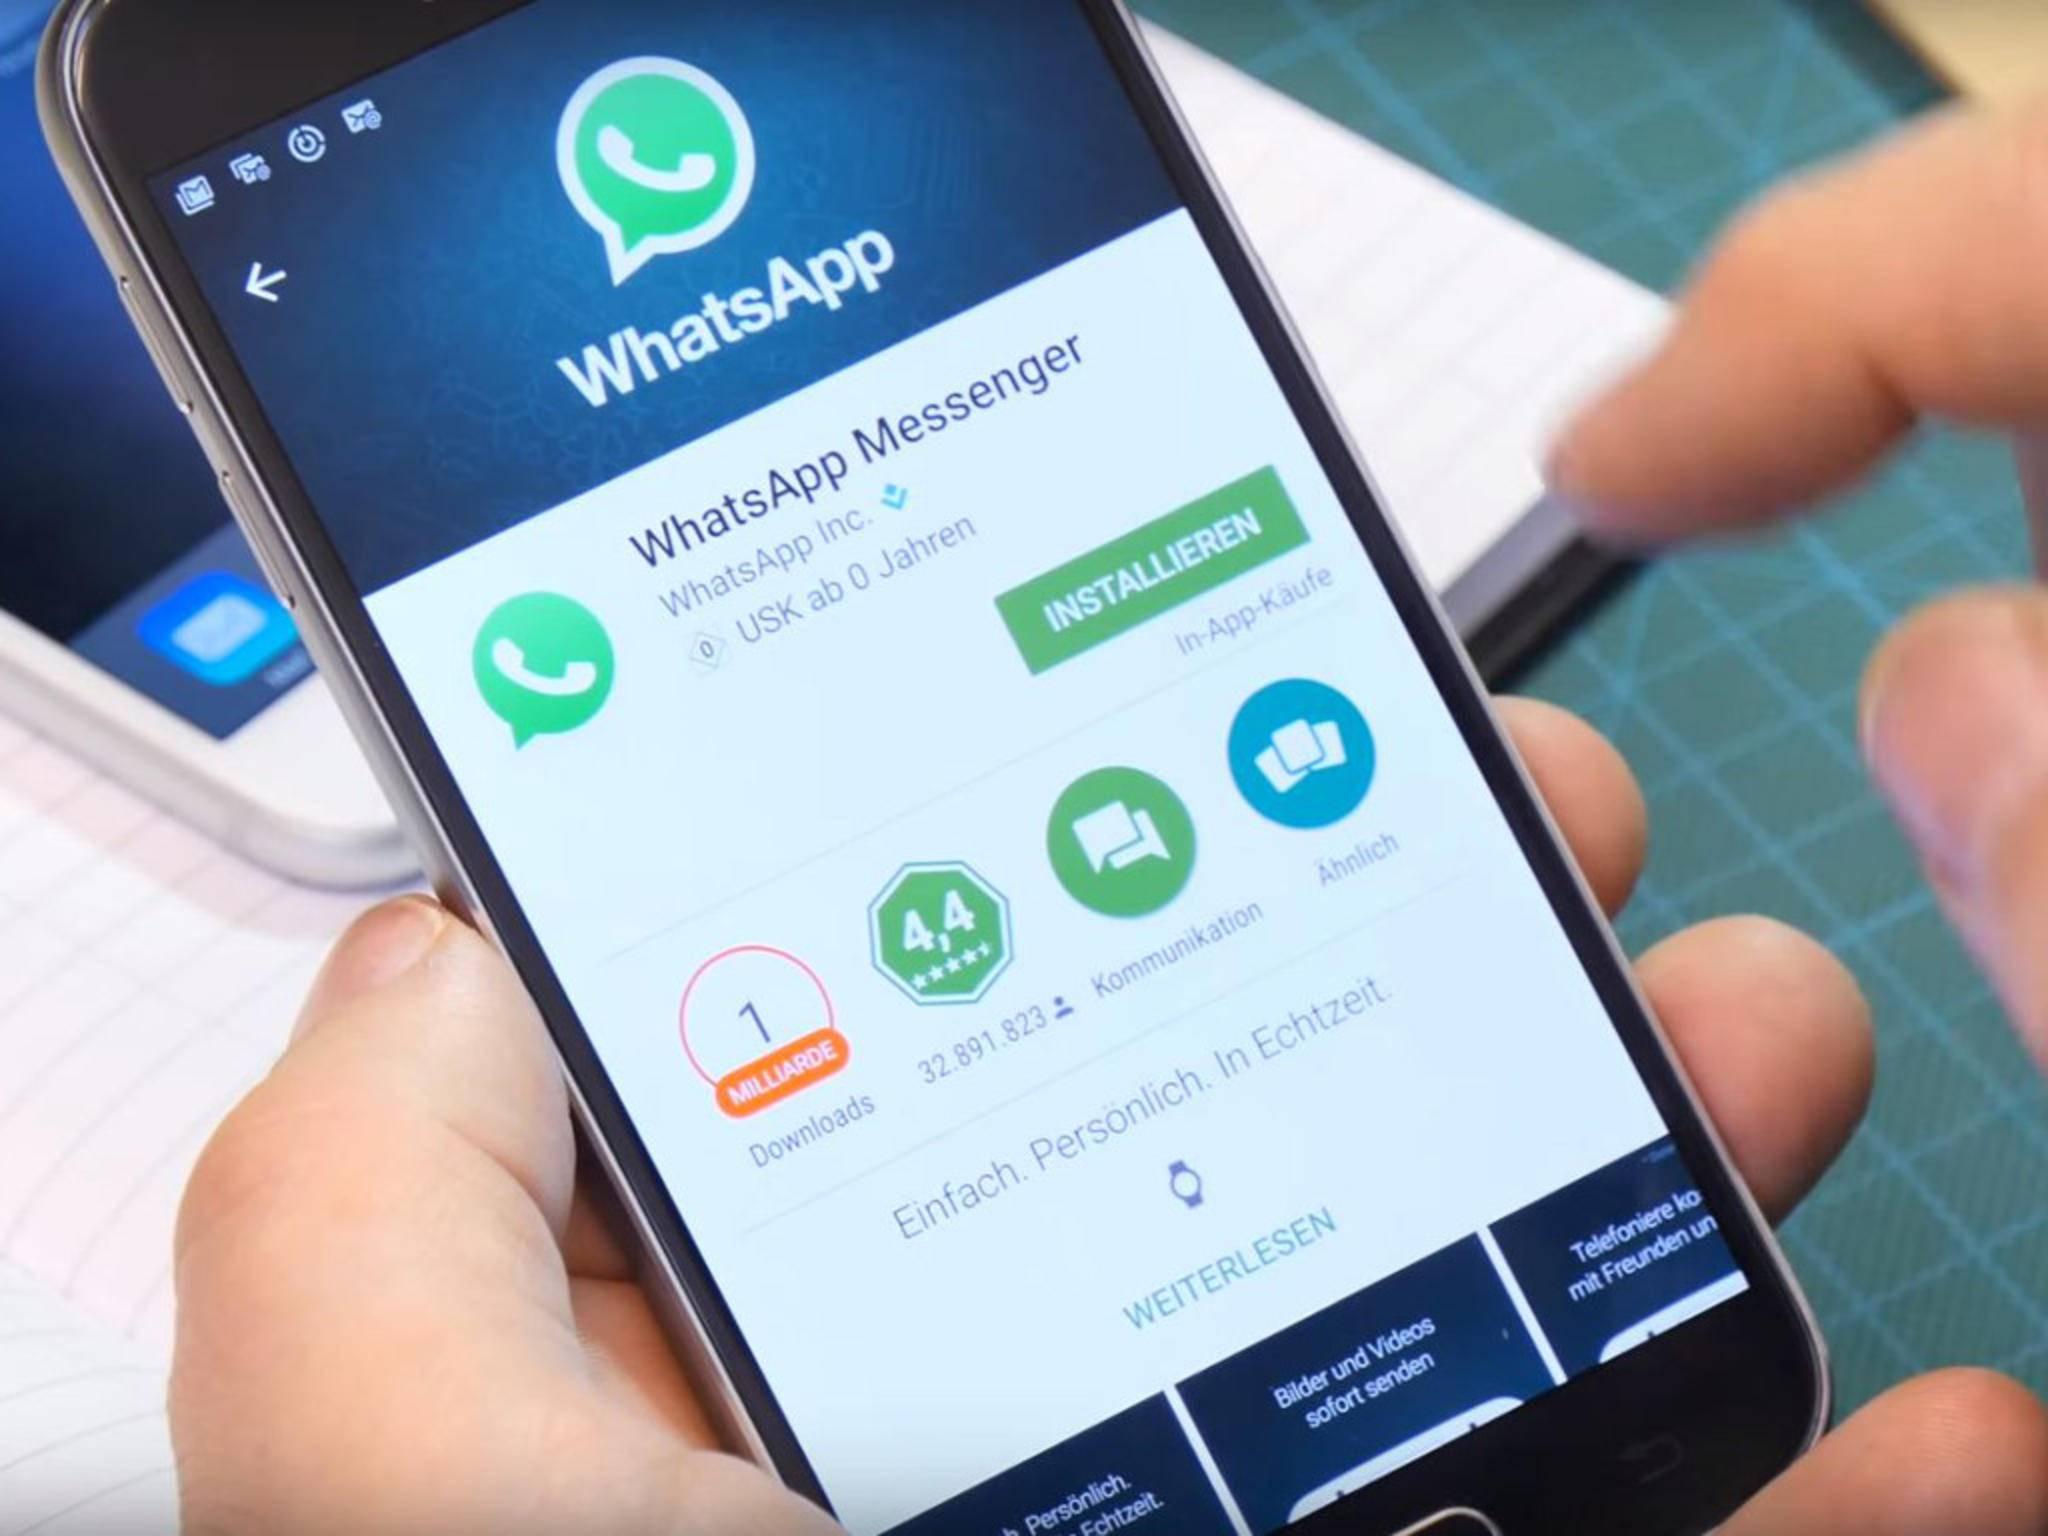 Die neue Android-Beta-Version von WhatsApp bringt interessante Features.